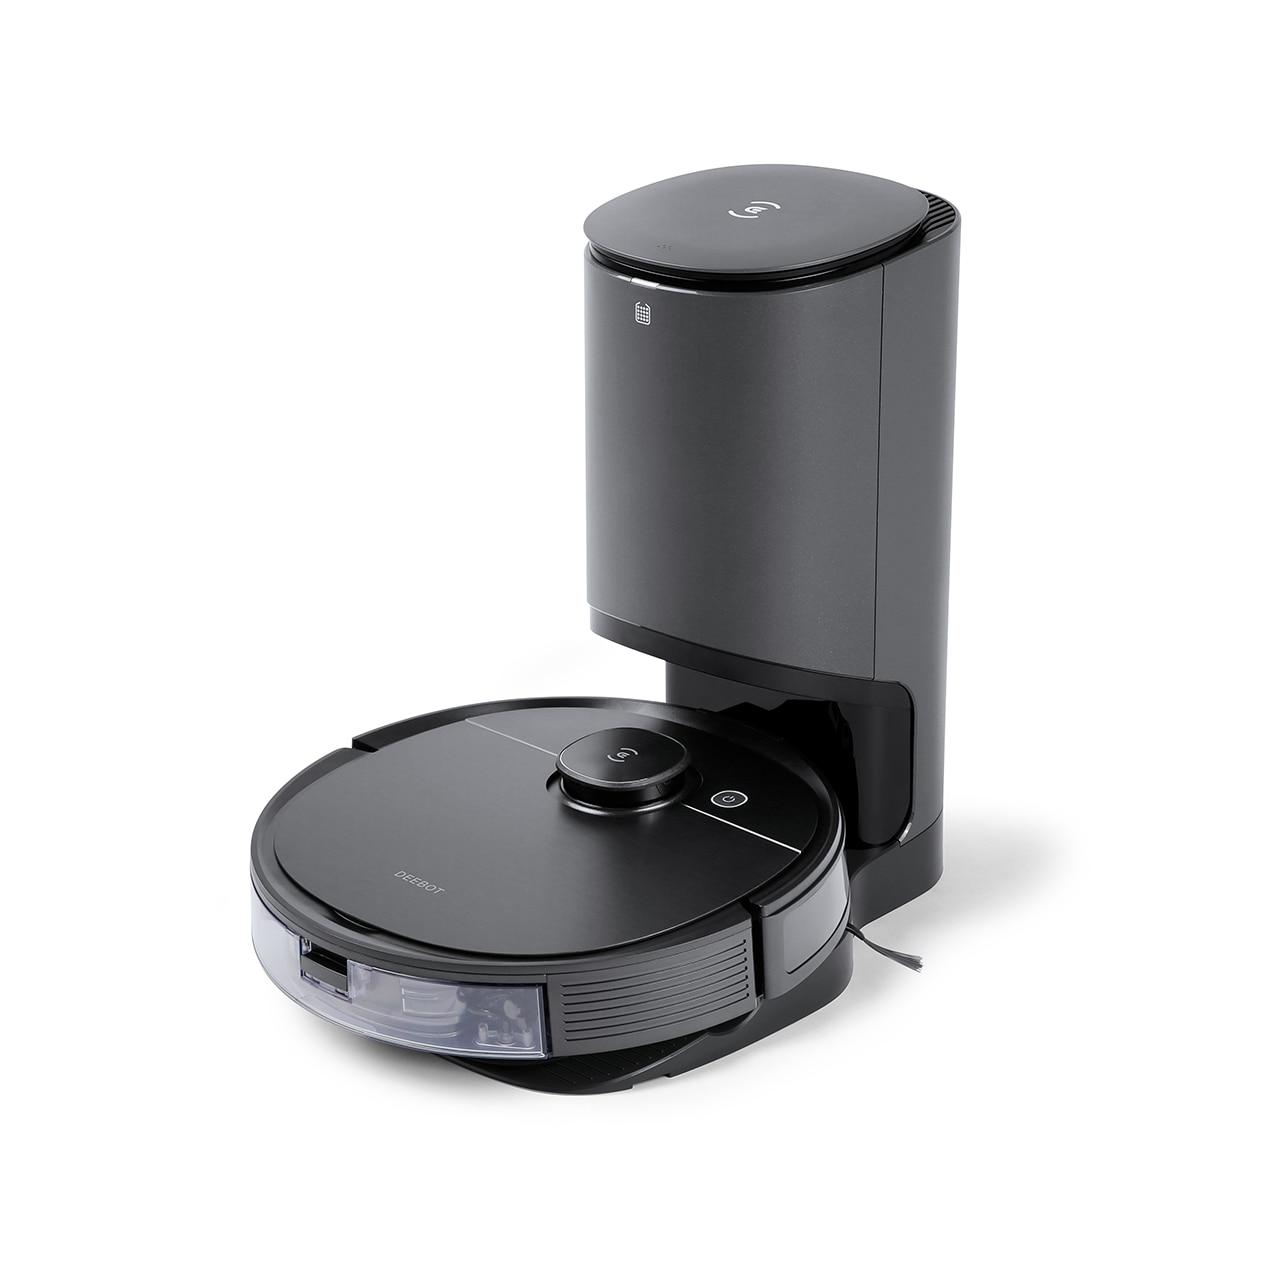 2020 Ecovacs Deebot T8 AIVI + aspirateur Robot nettoyeur avec Multi sol nettoyage Robot récupération automatique de la poussière cadeaux